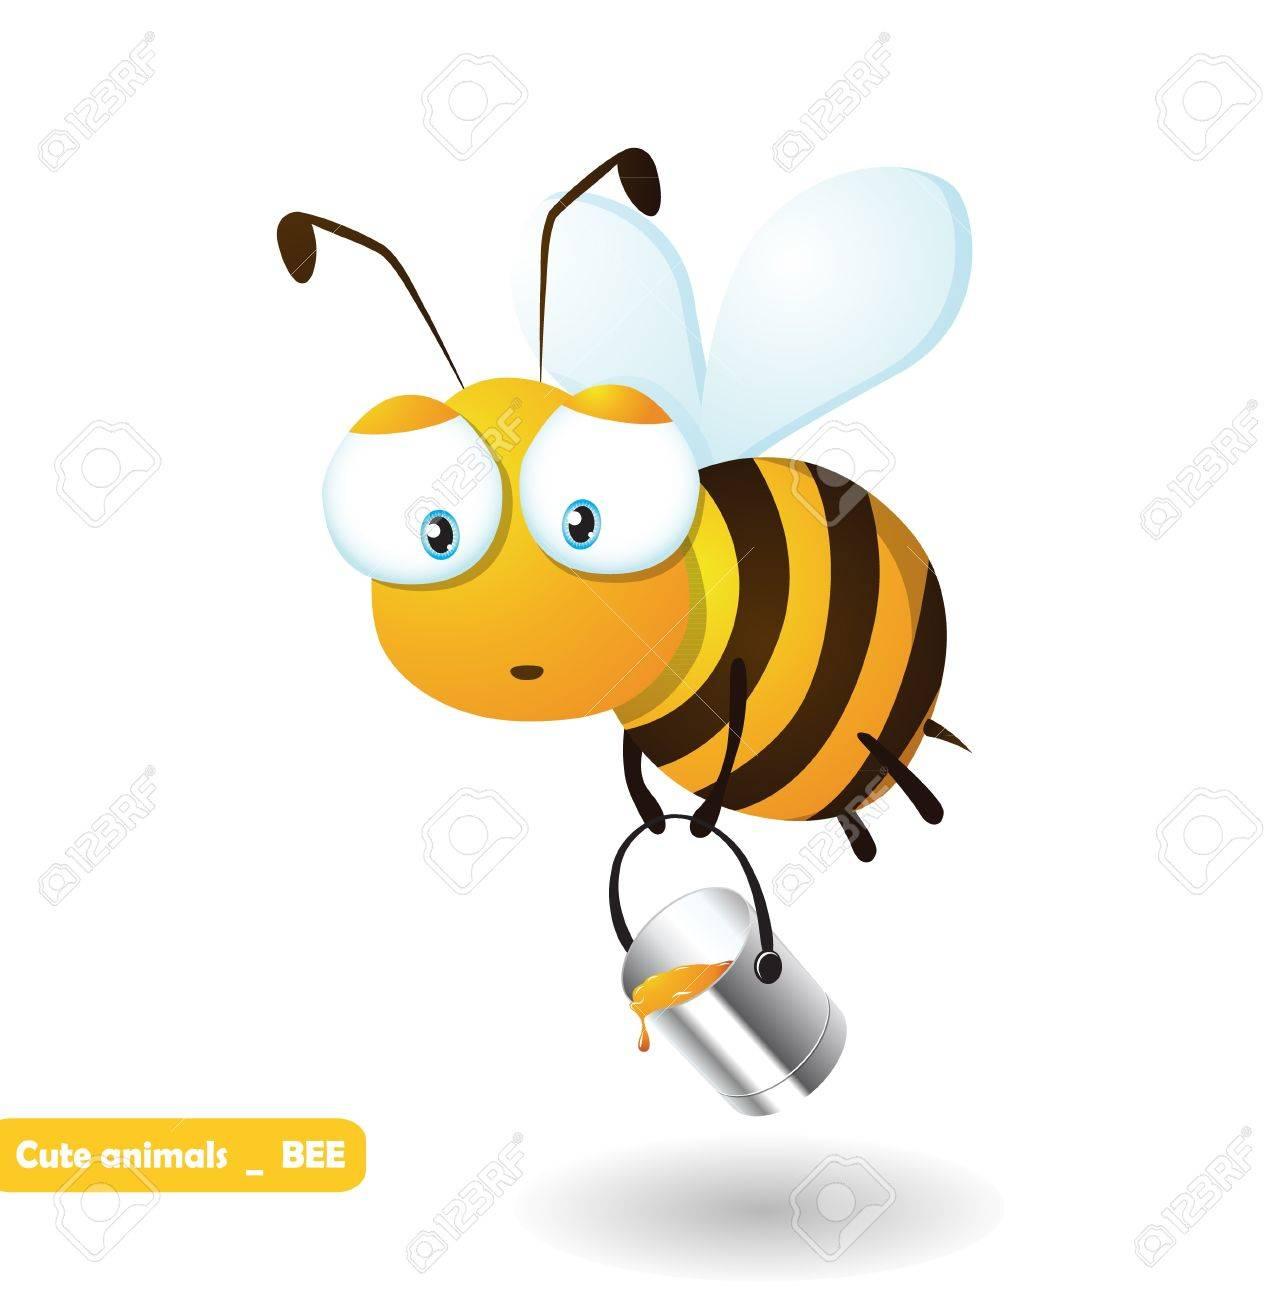 Cute cartoon honeybee - 20654215